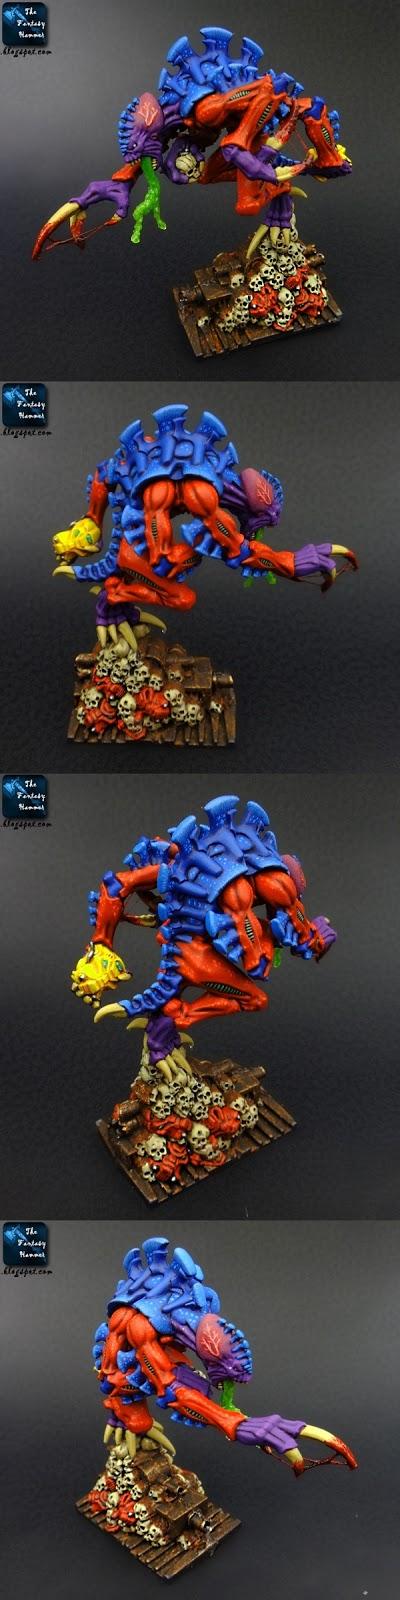 Tyranids Broodlord Space Hulk Behemoth CMON